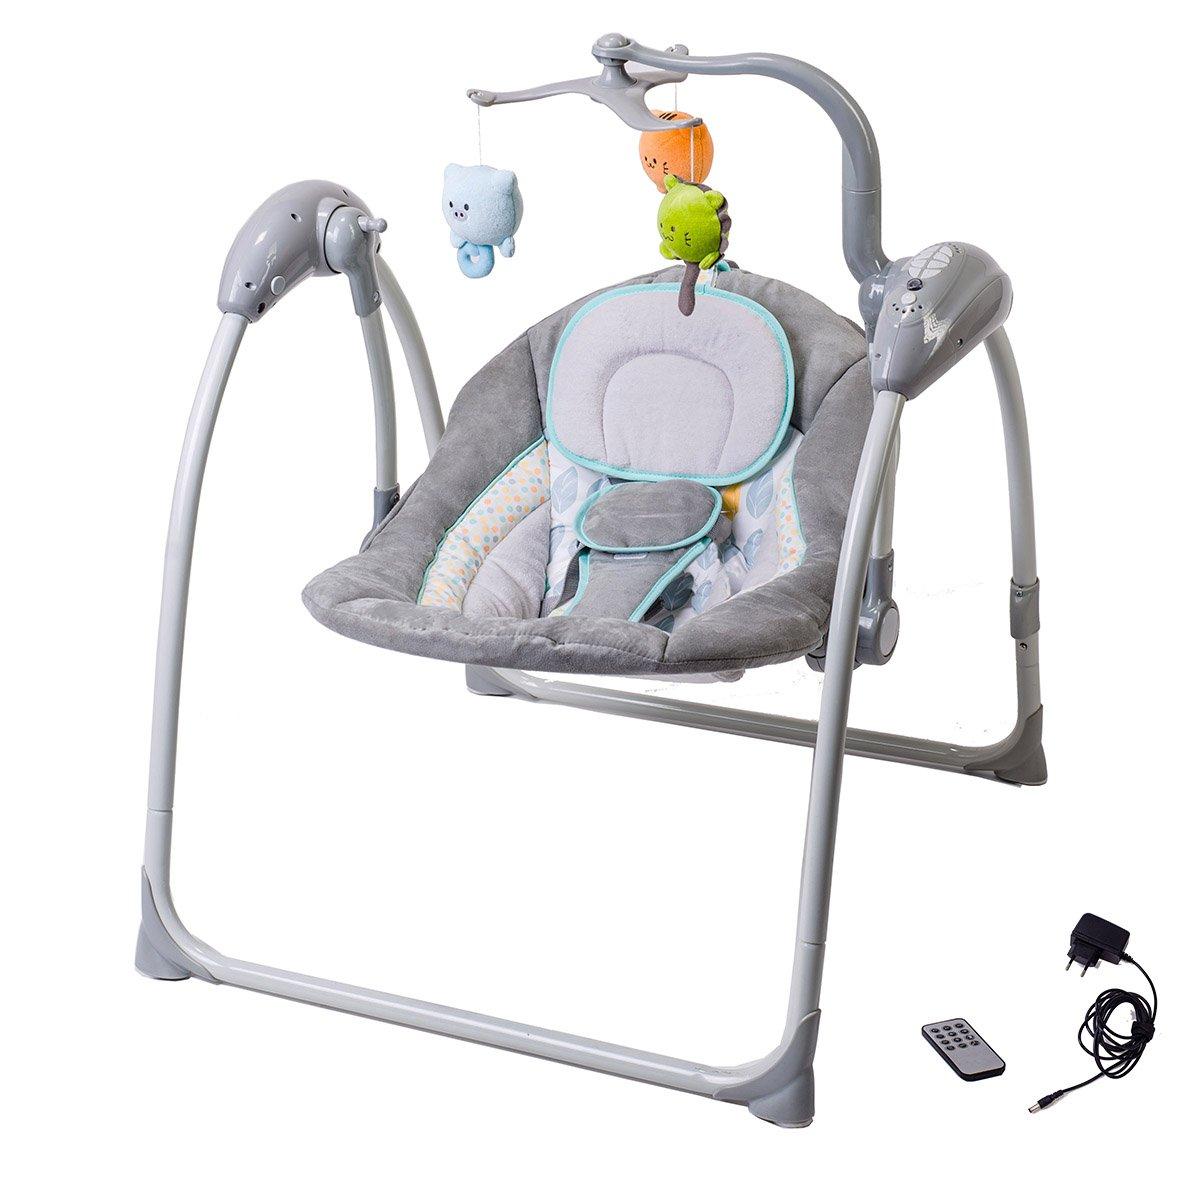 Fernbedienung, MP3-Player via USB, Netzadapter grau Elektrische Babyschaukel Automatische Baby Wiege Wippe LILOU